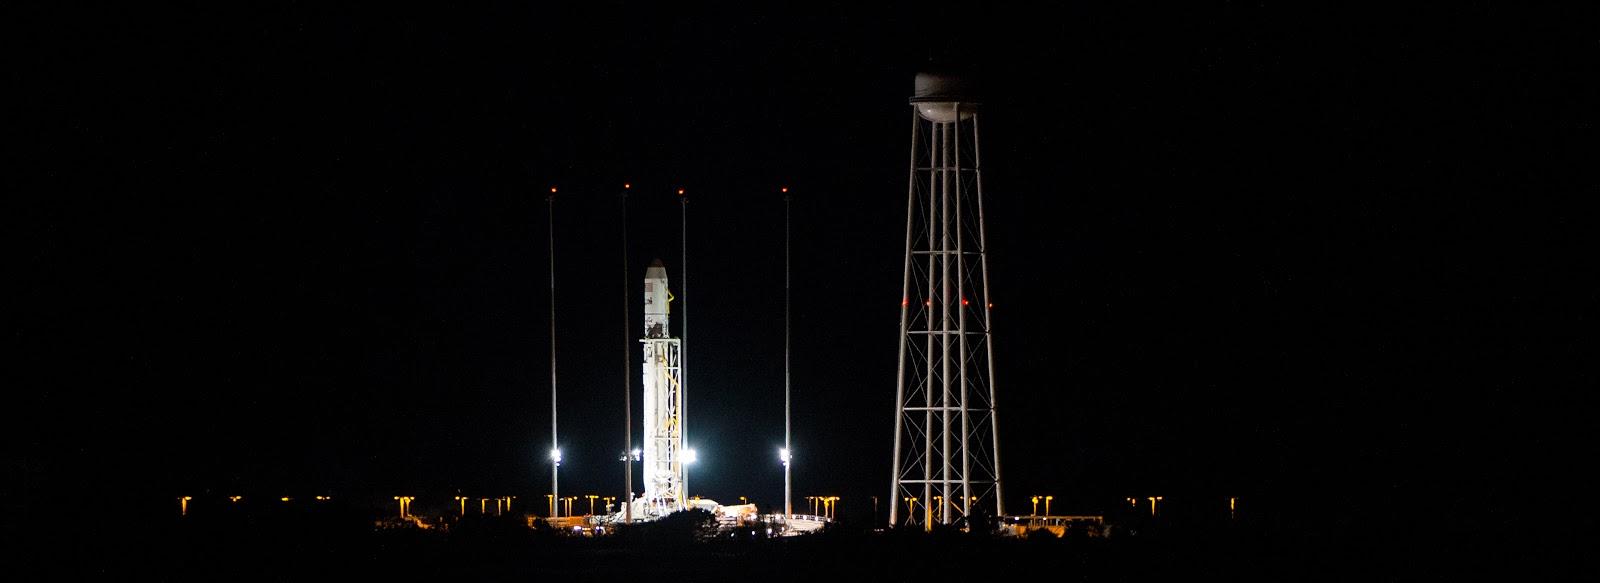 Chuẩn bị cho chuyến bay vào nửa đêm 25/10/2014. Bản quyền hình ảnh : NASA/Joel Kowsky.